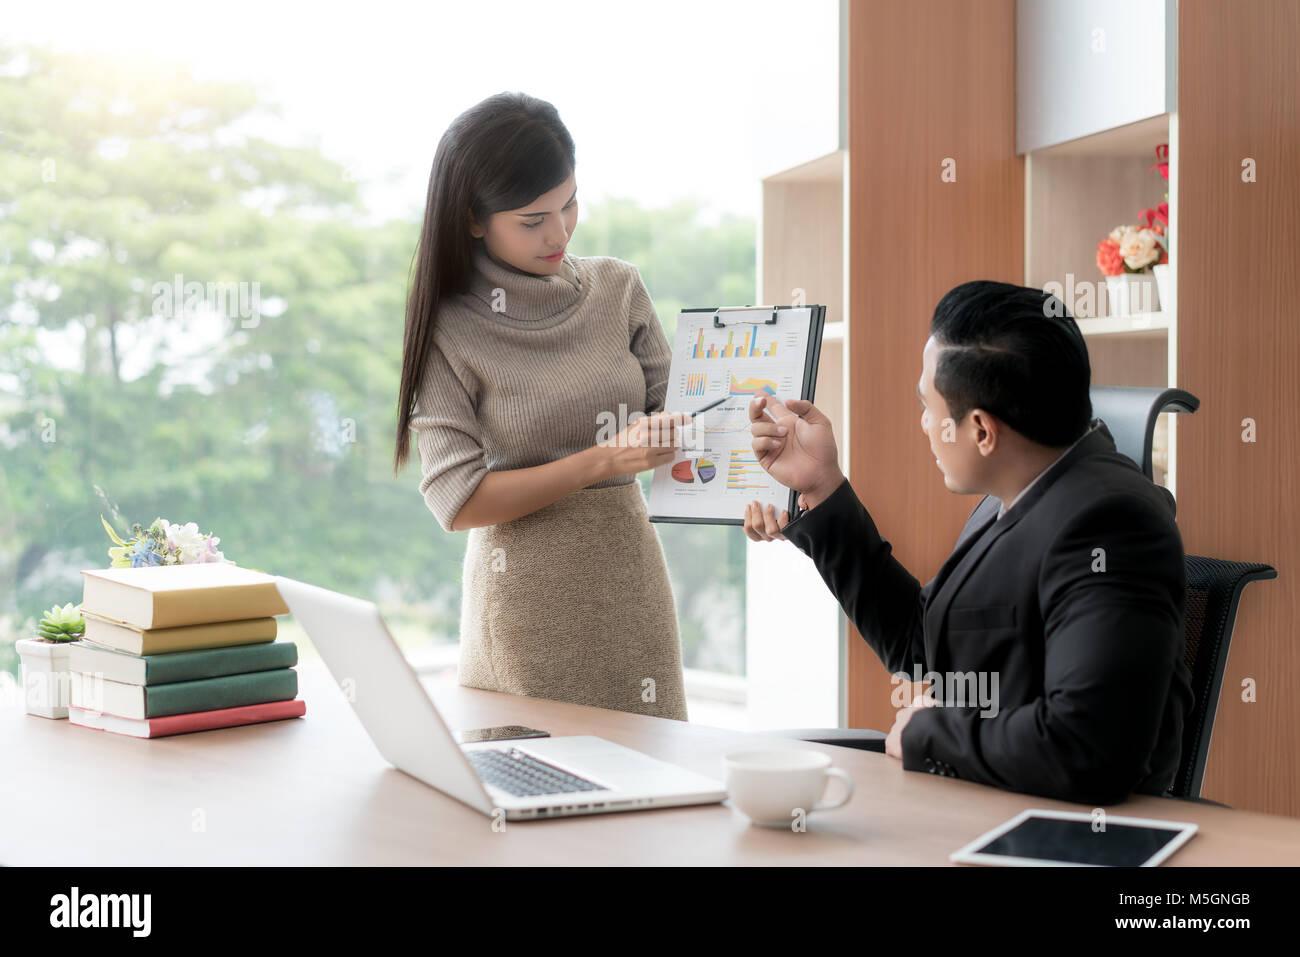 Felice asian imprenditrice presentando pila grafico per manager in ufficio. Presentazione aziendale e concetto di incontro. Foto Stock